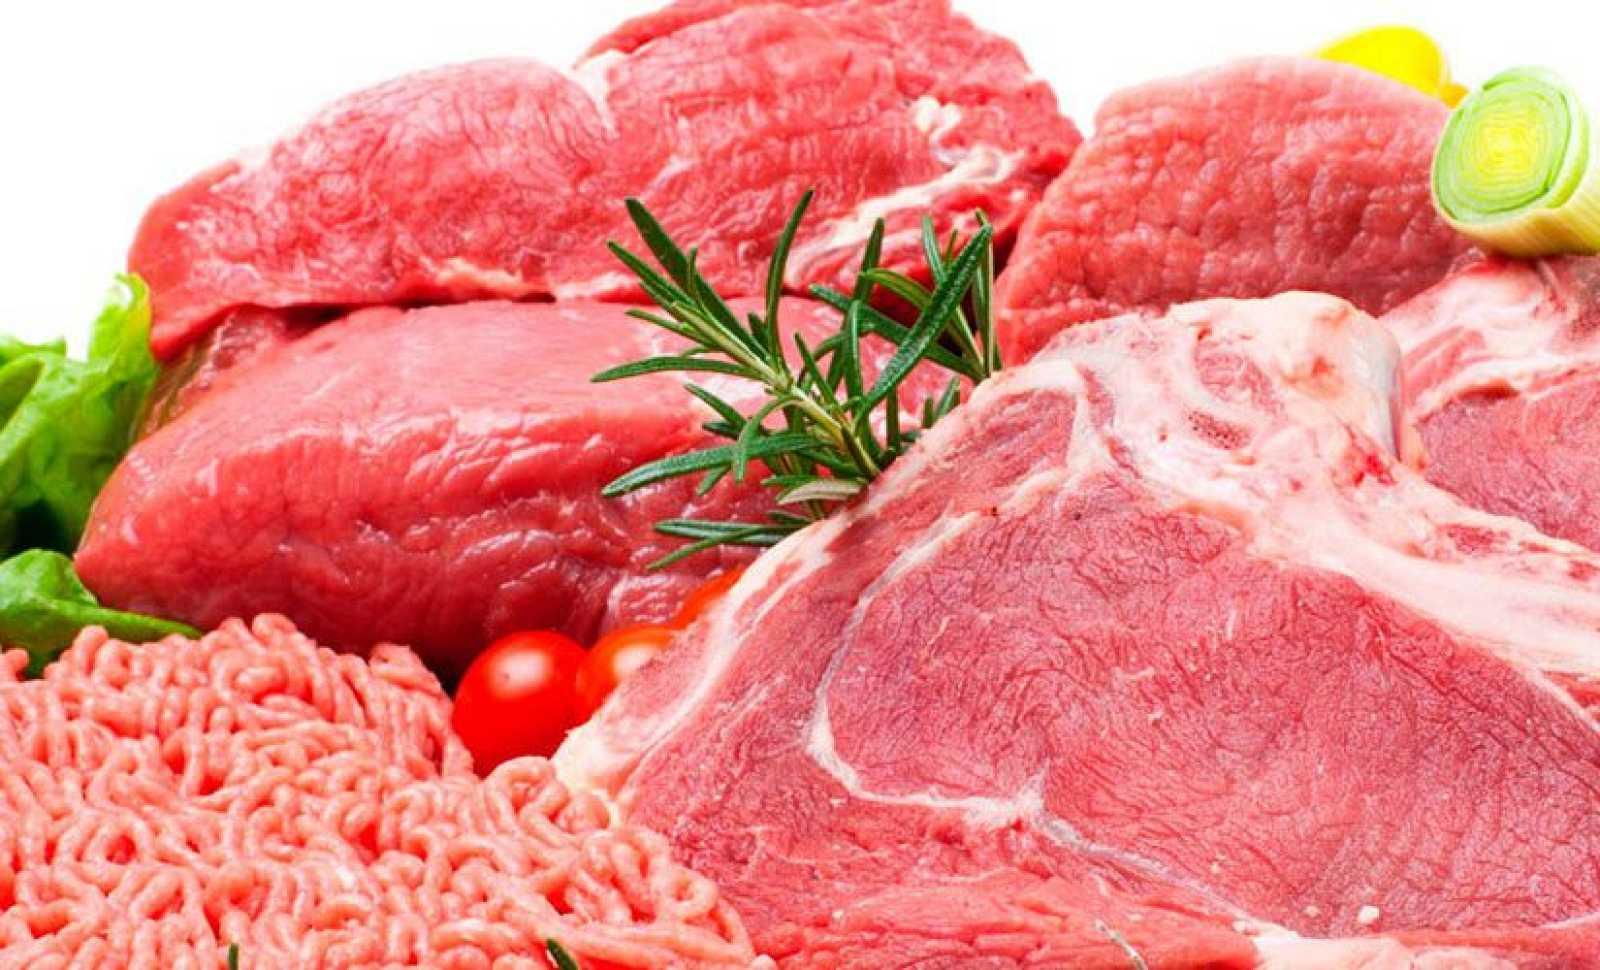 En algún lugar de la ciencia: ¿Es perjudicial o no comer carne roja? - Escuchar ahora